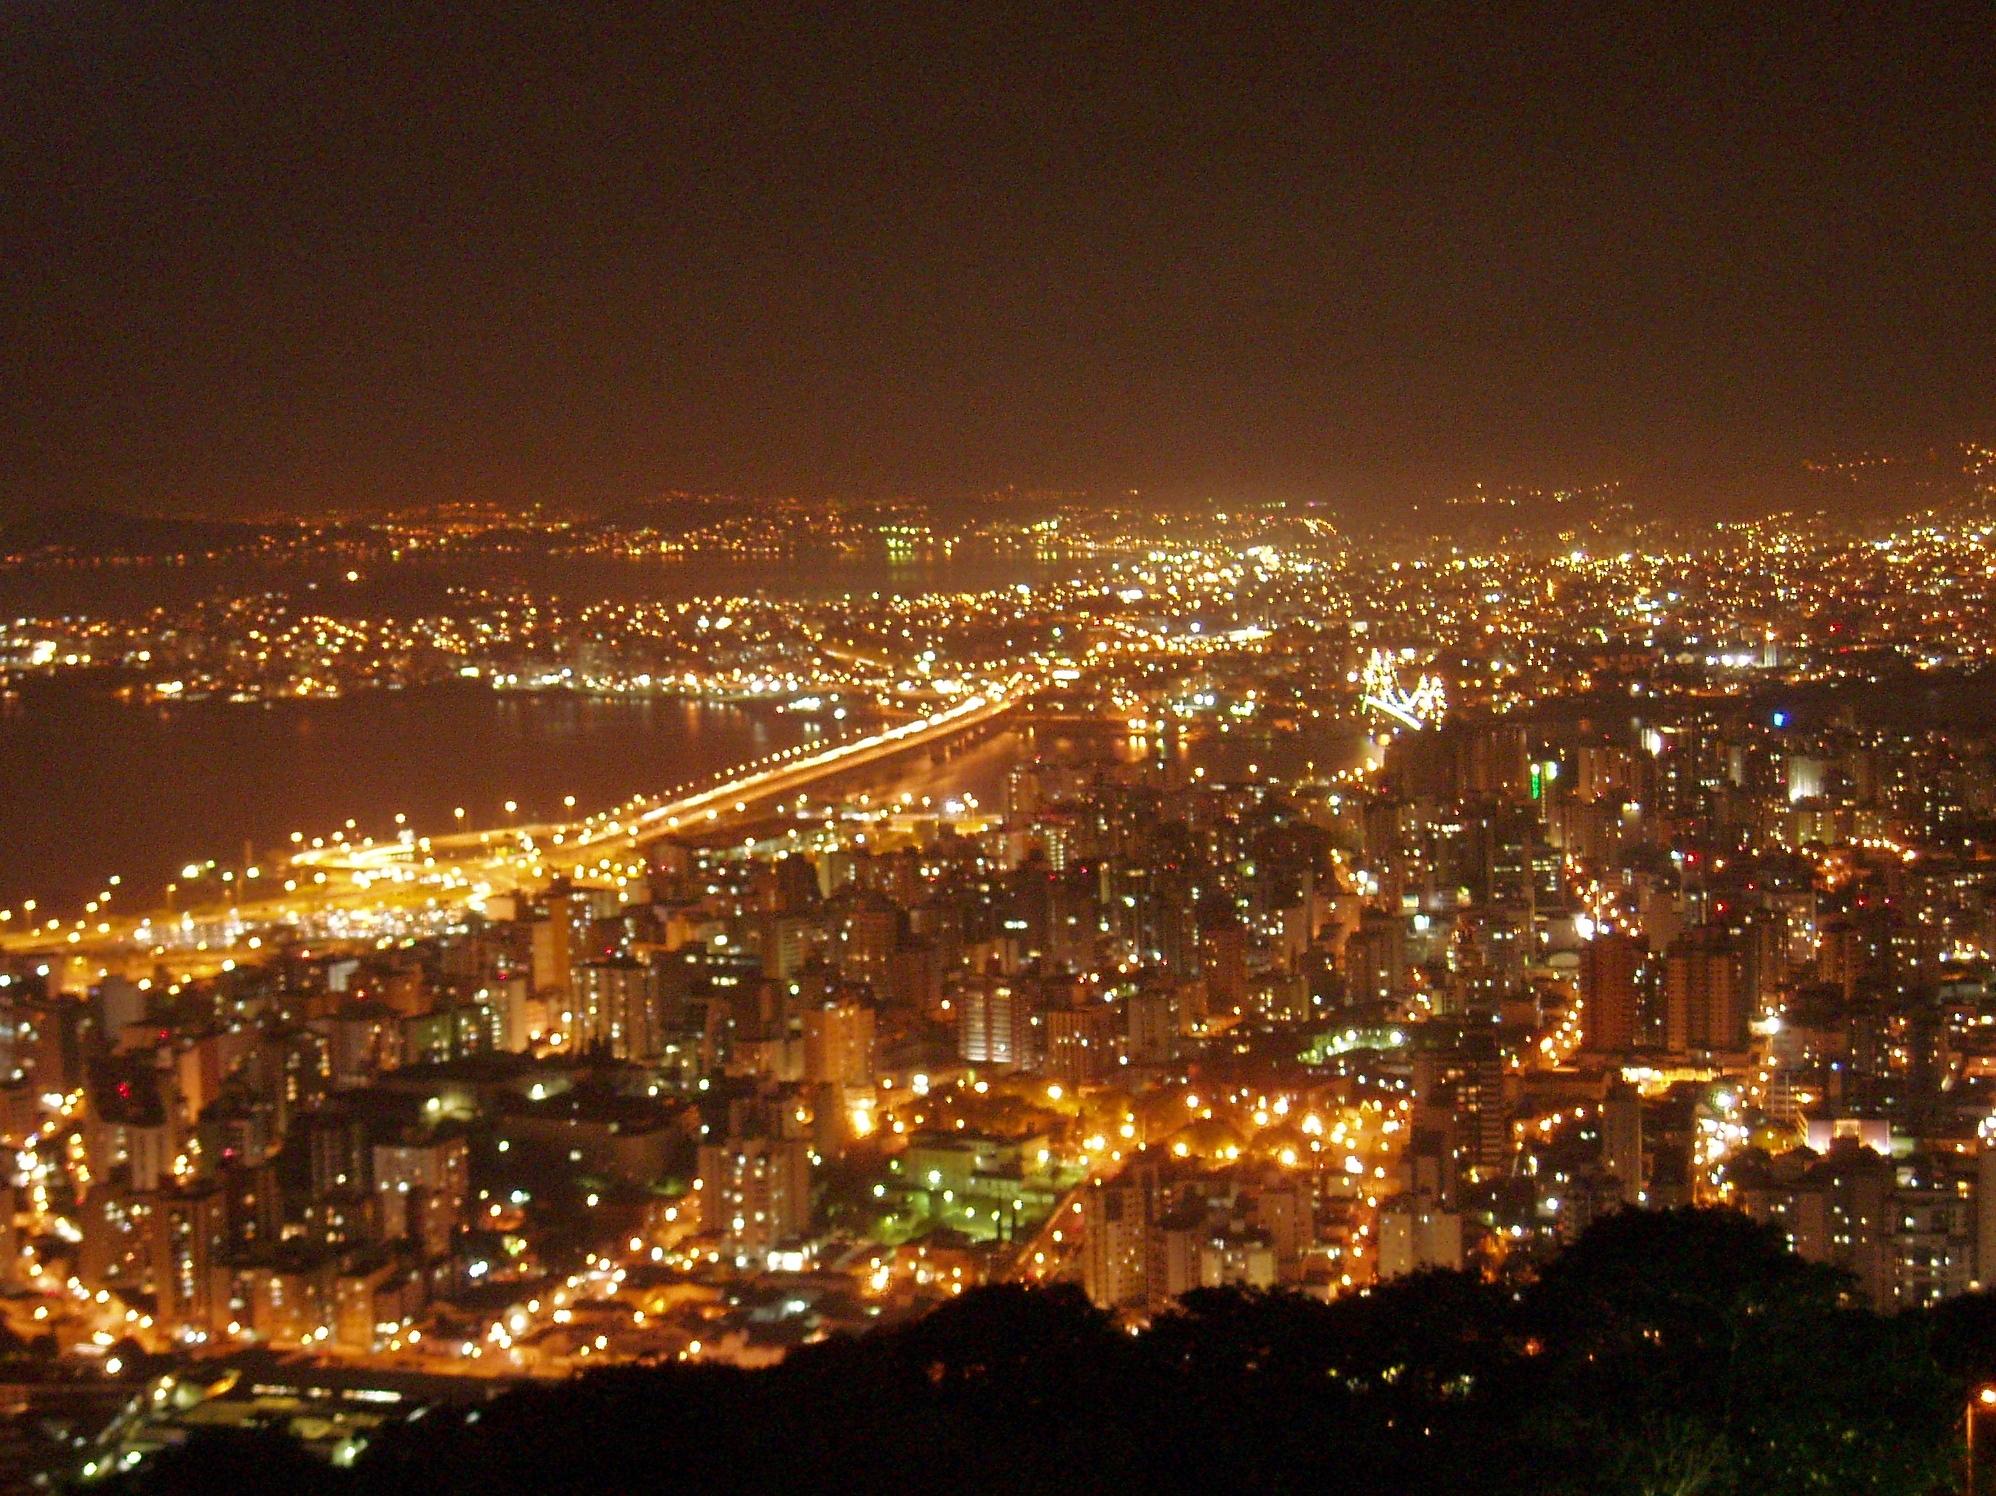 Vista parcial da capital catarinense, a partir do Morro do Antão (ou da Cruz) - Carlos Damião